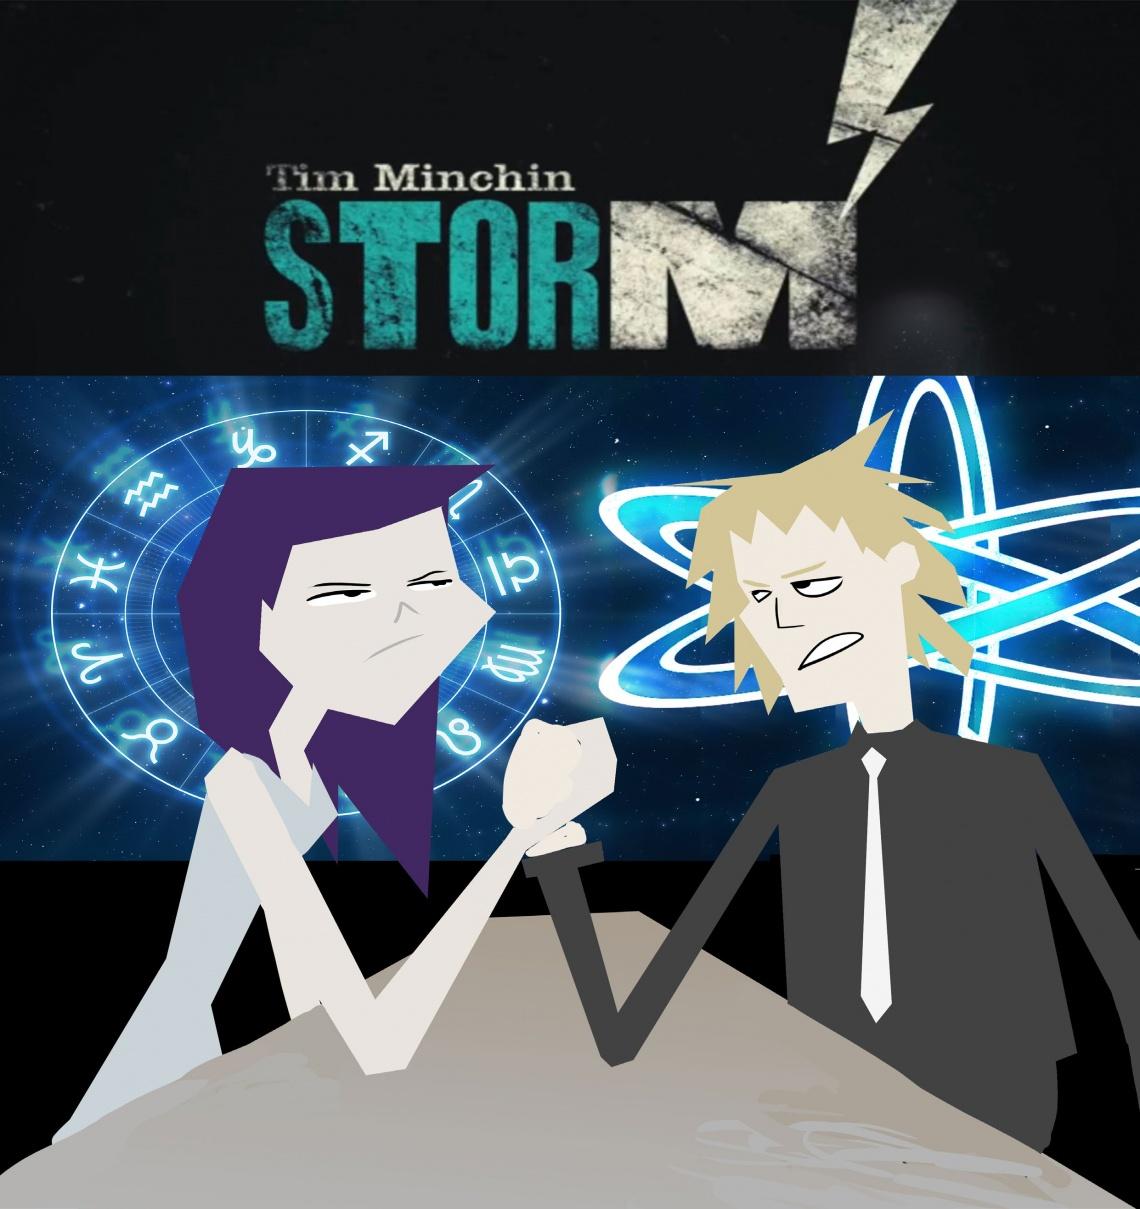 تيم مينتشن: العاصفة